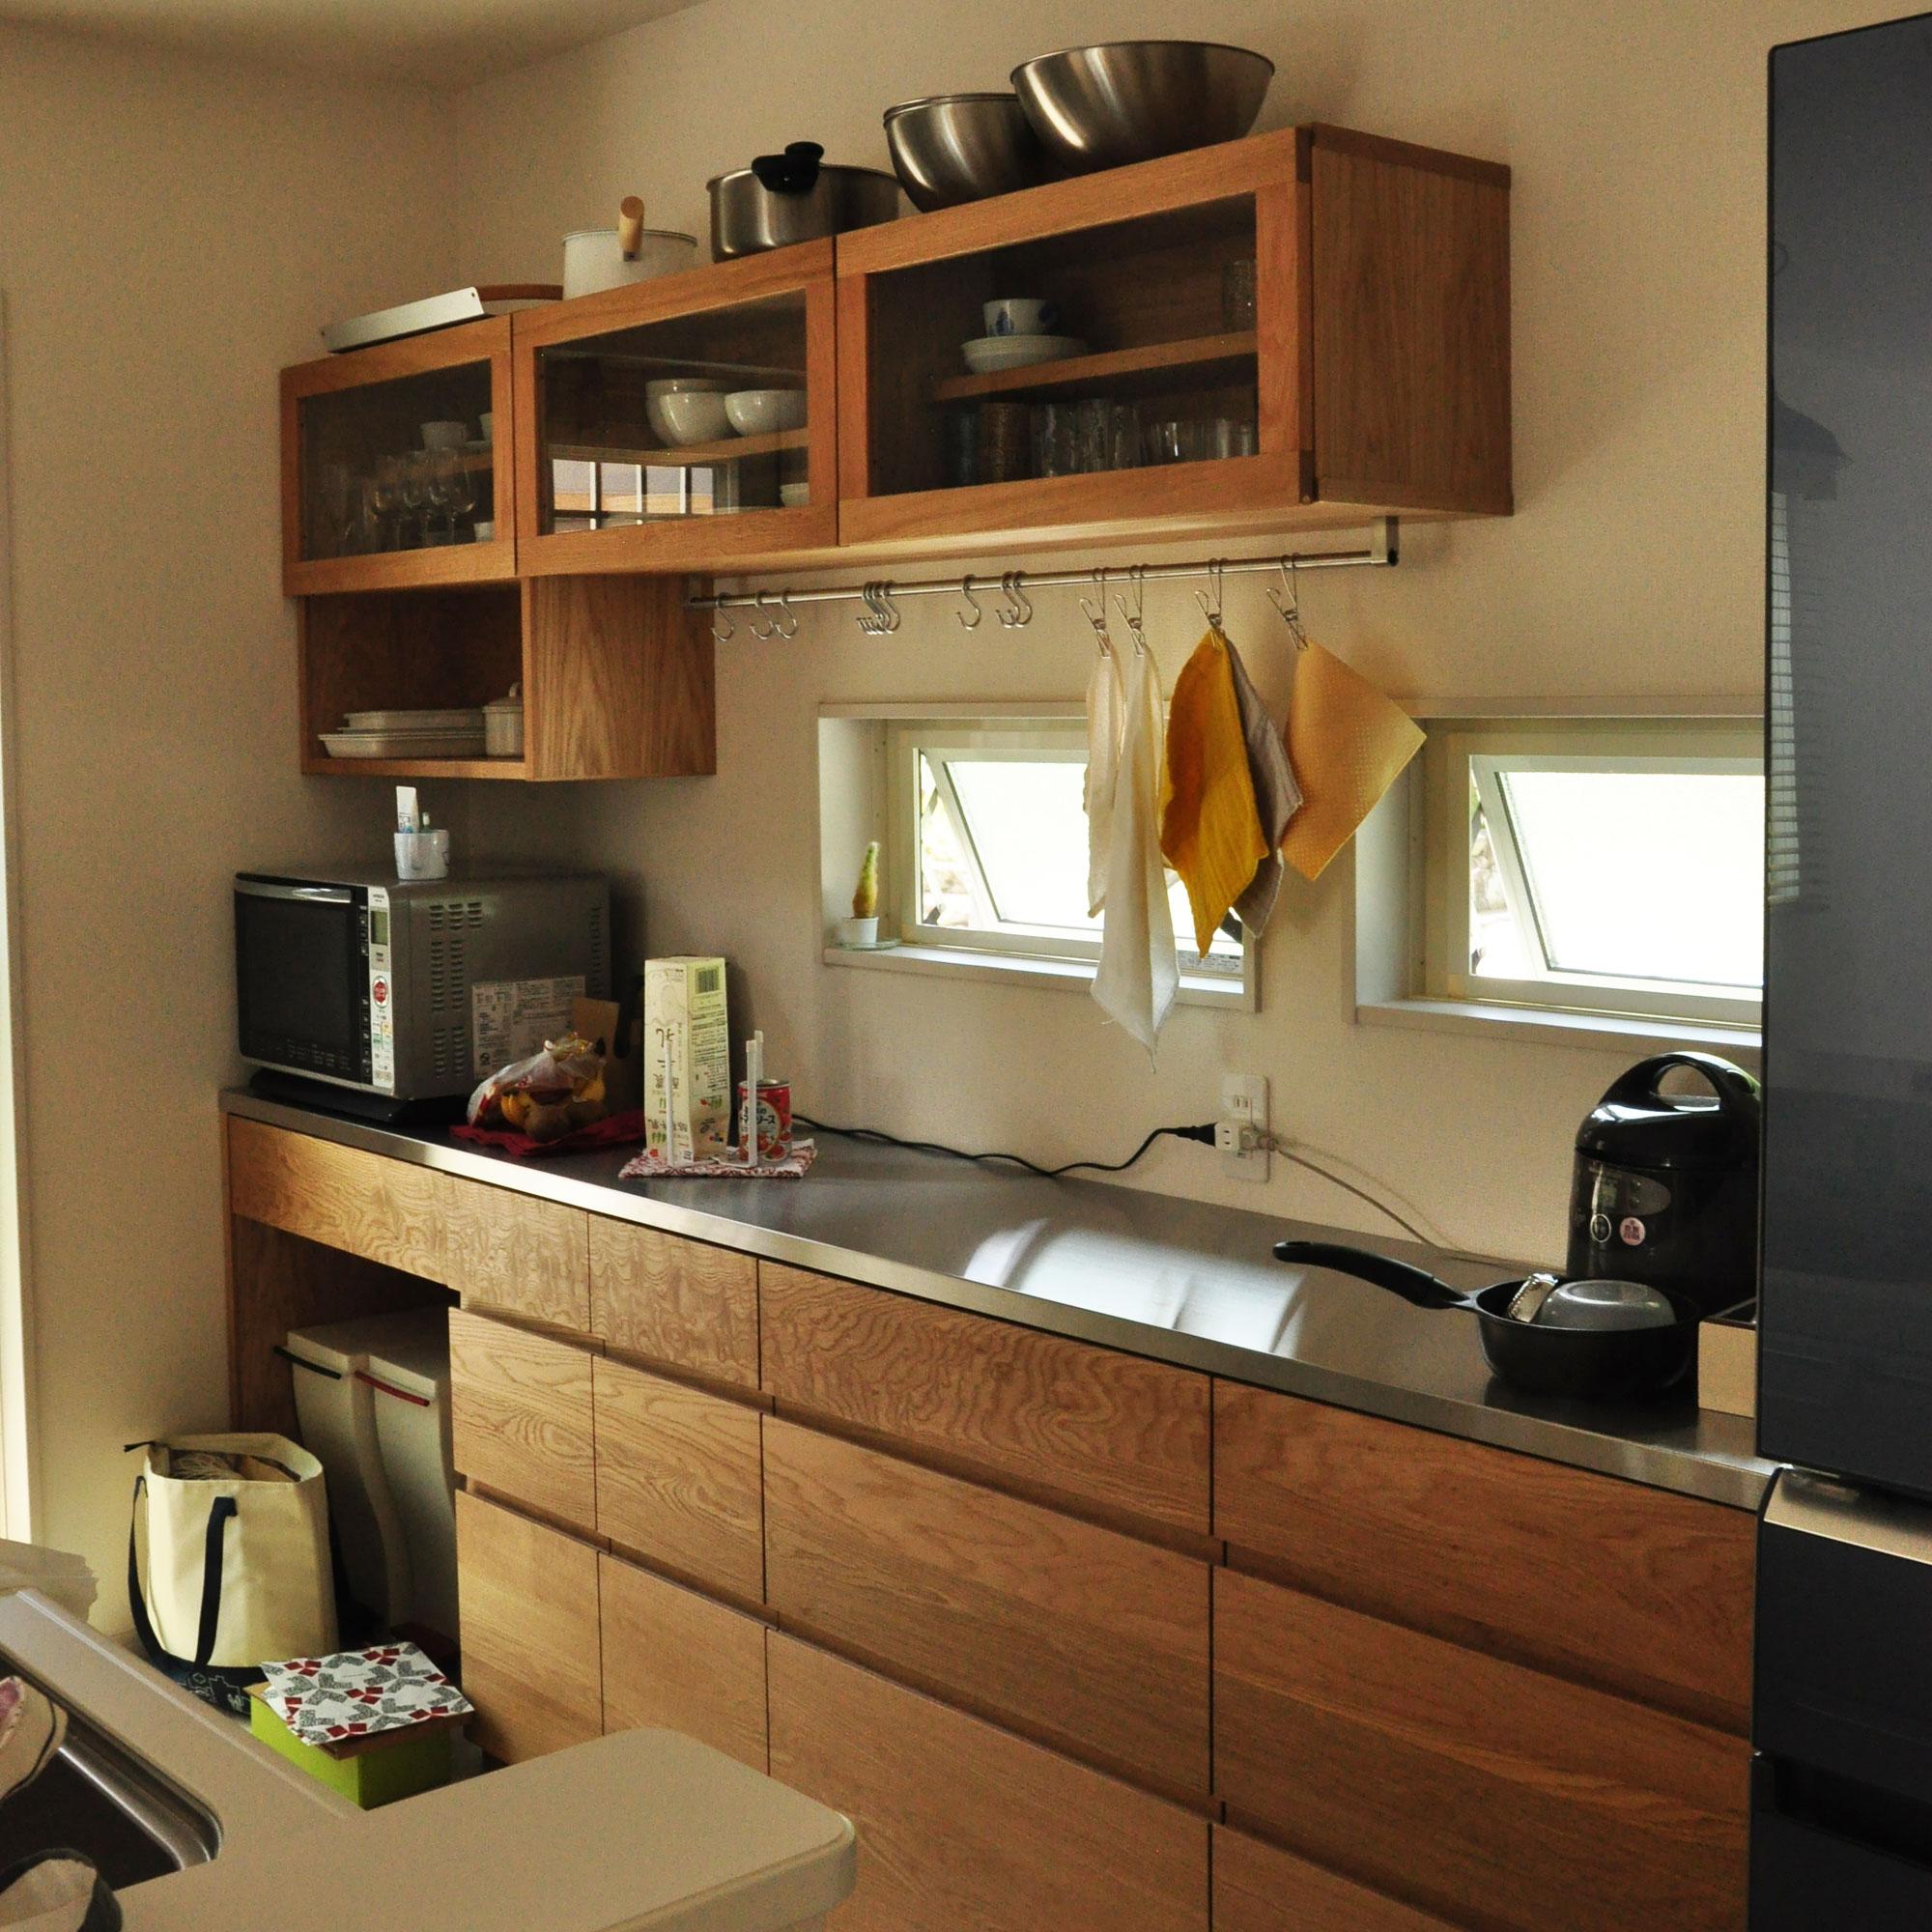 壁から冷蔵庫までの食器棚と吊戸棚 ツールバーを付けて 5057イメージ-1